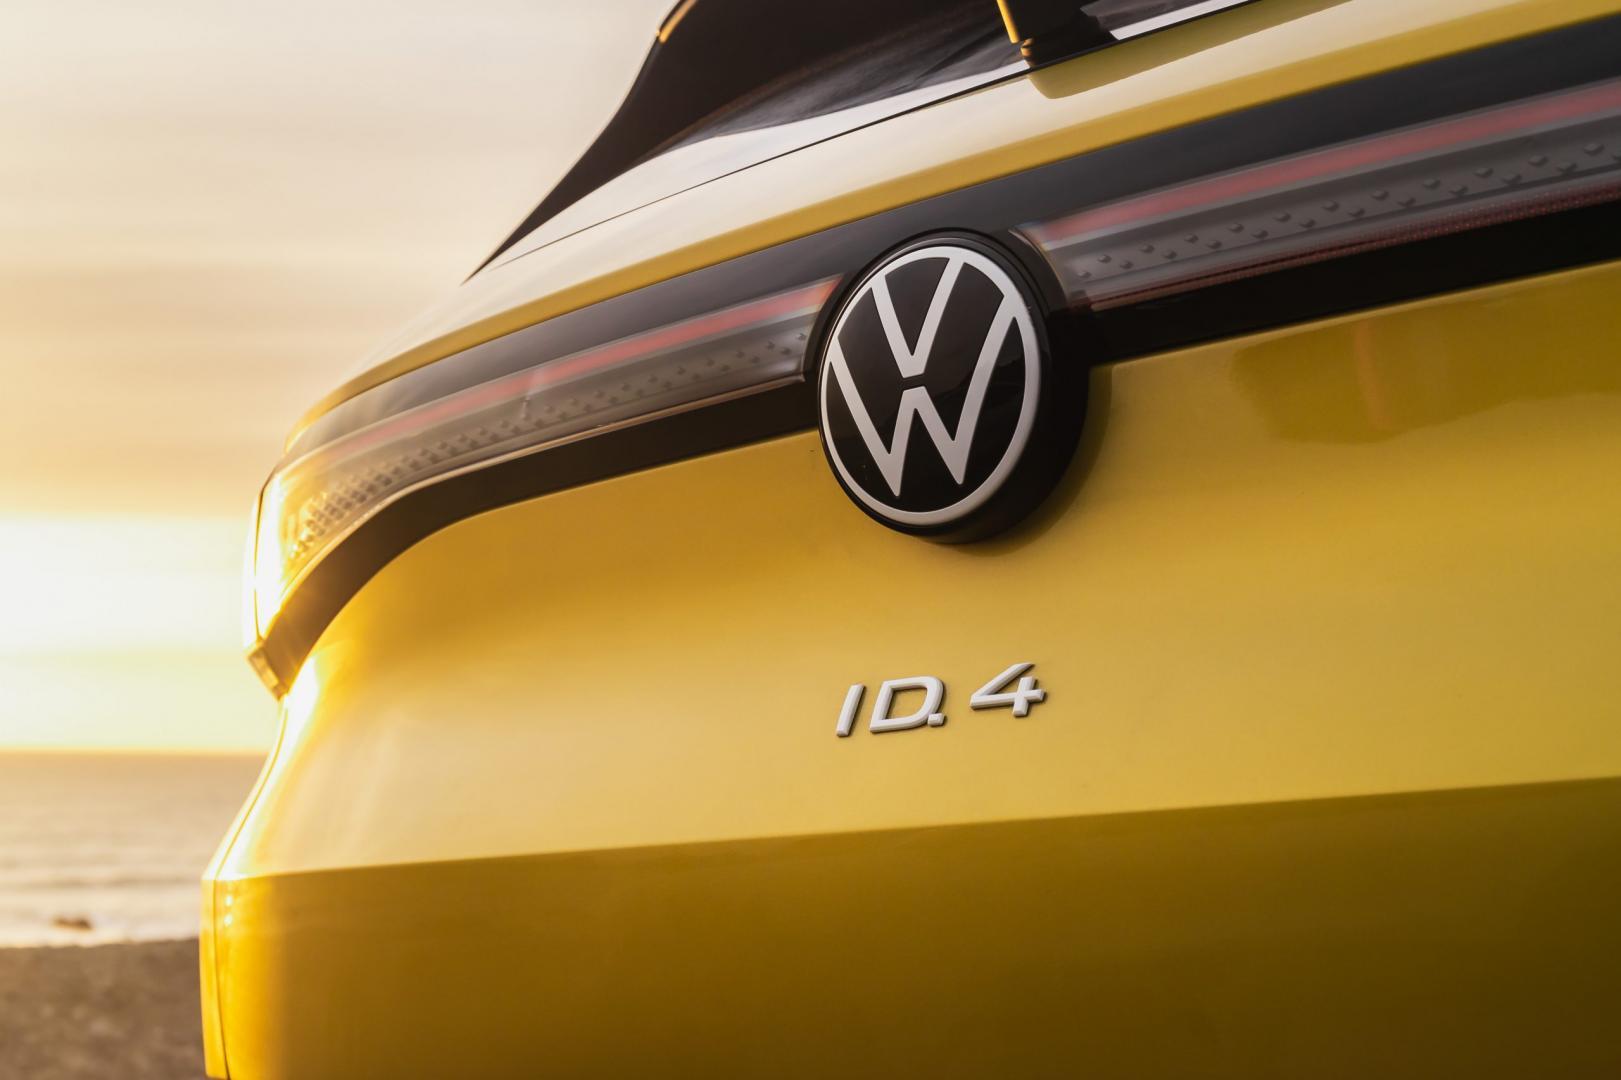 Badge VW ID.4 (Volkswagen)